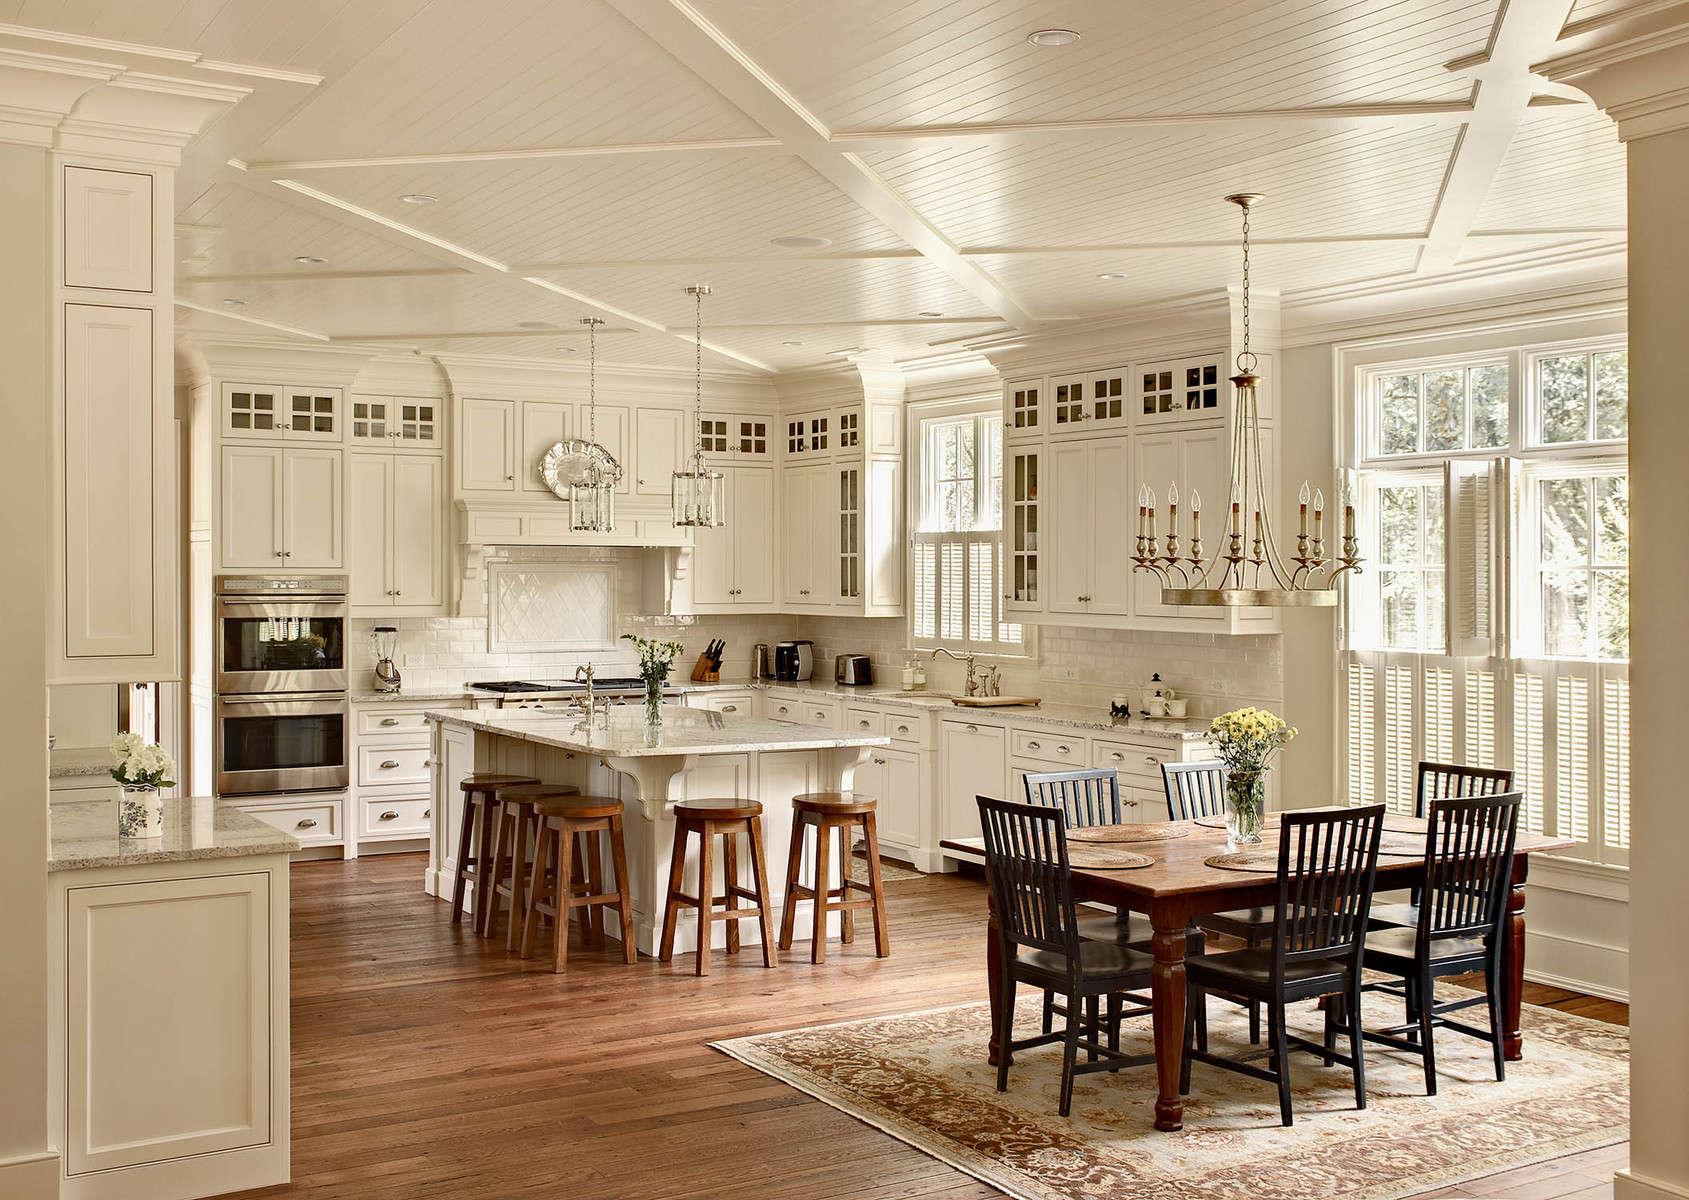 Carter Skinner Residential Design